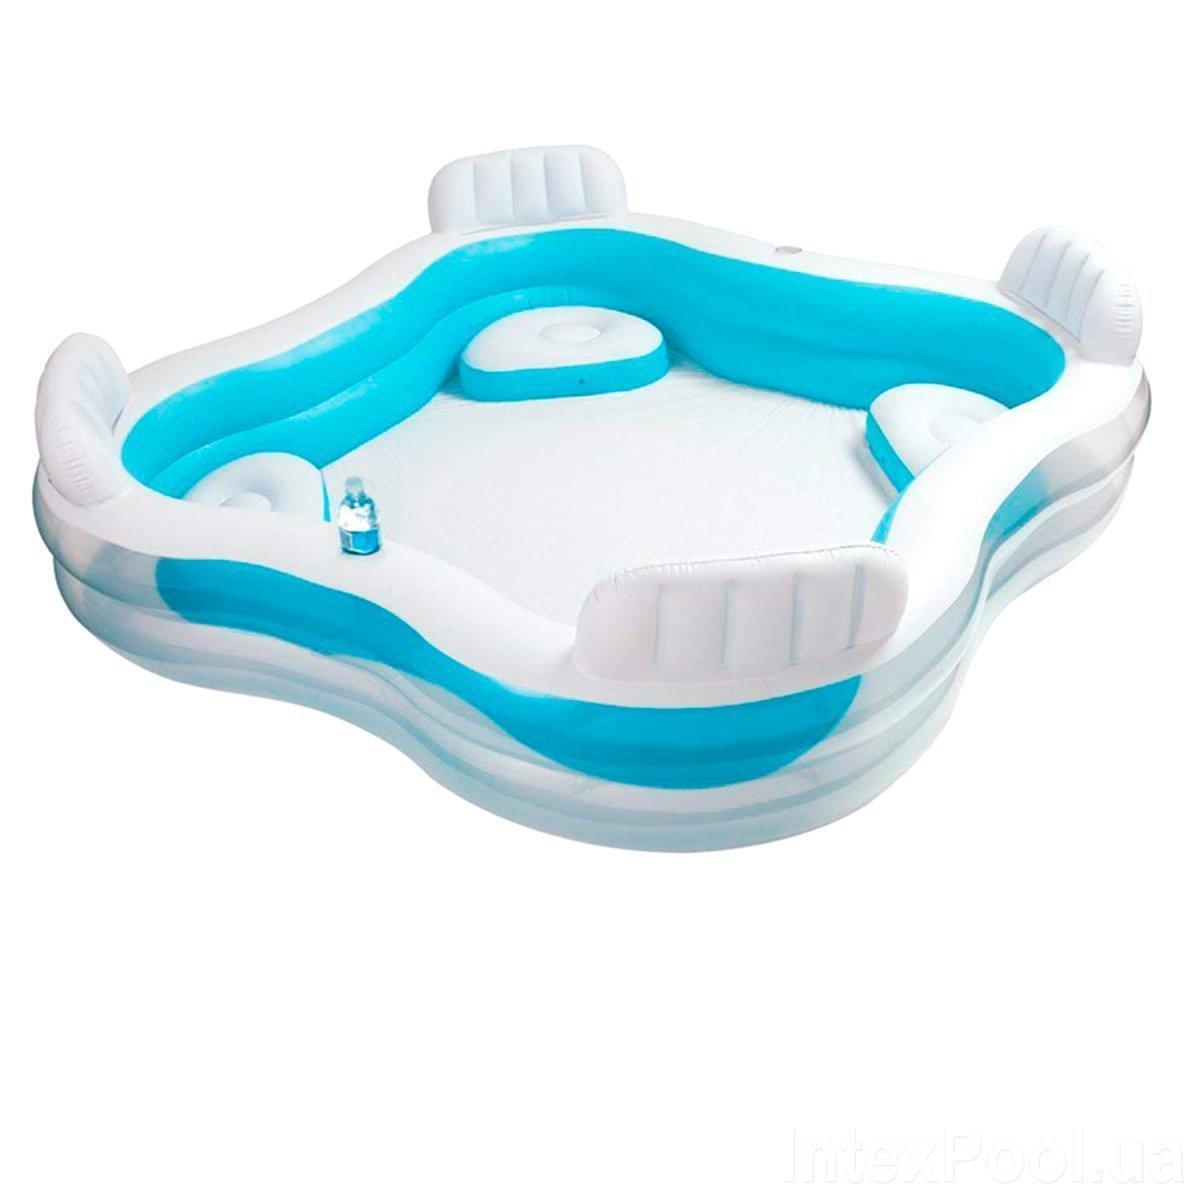 Сімейний надувний басейн з сидіннями і спинками Intex Блакитний (229*229*56 см)(56475)